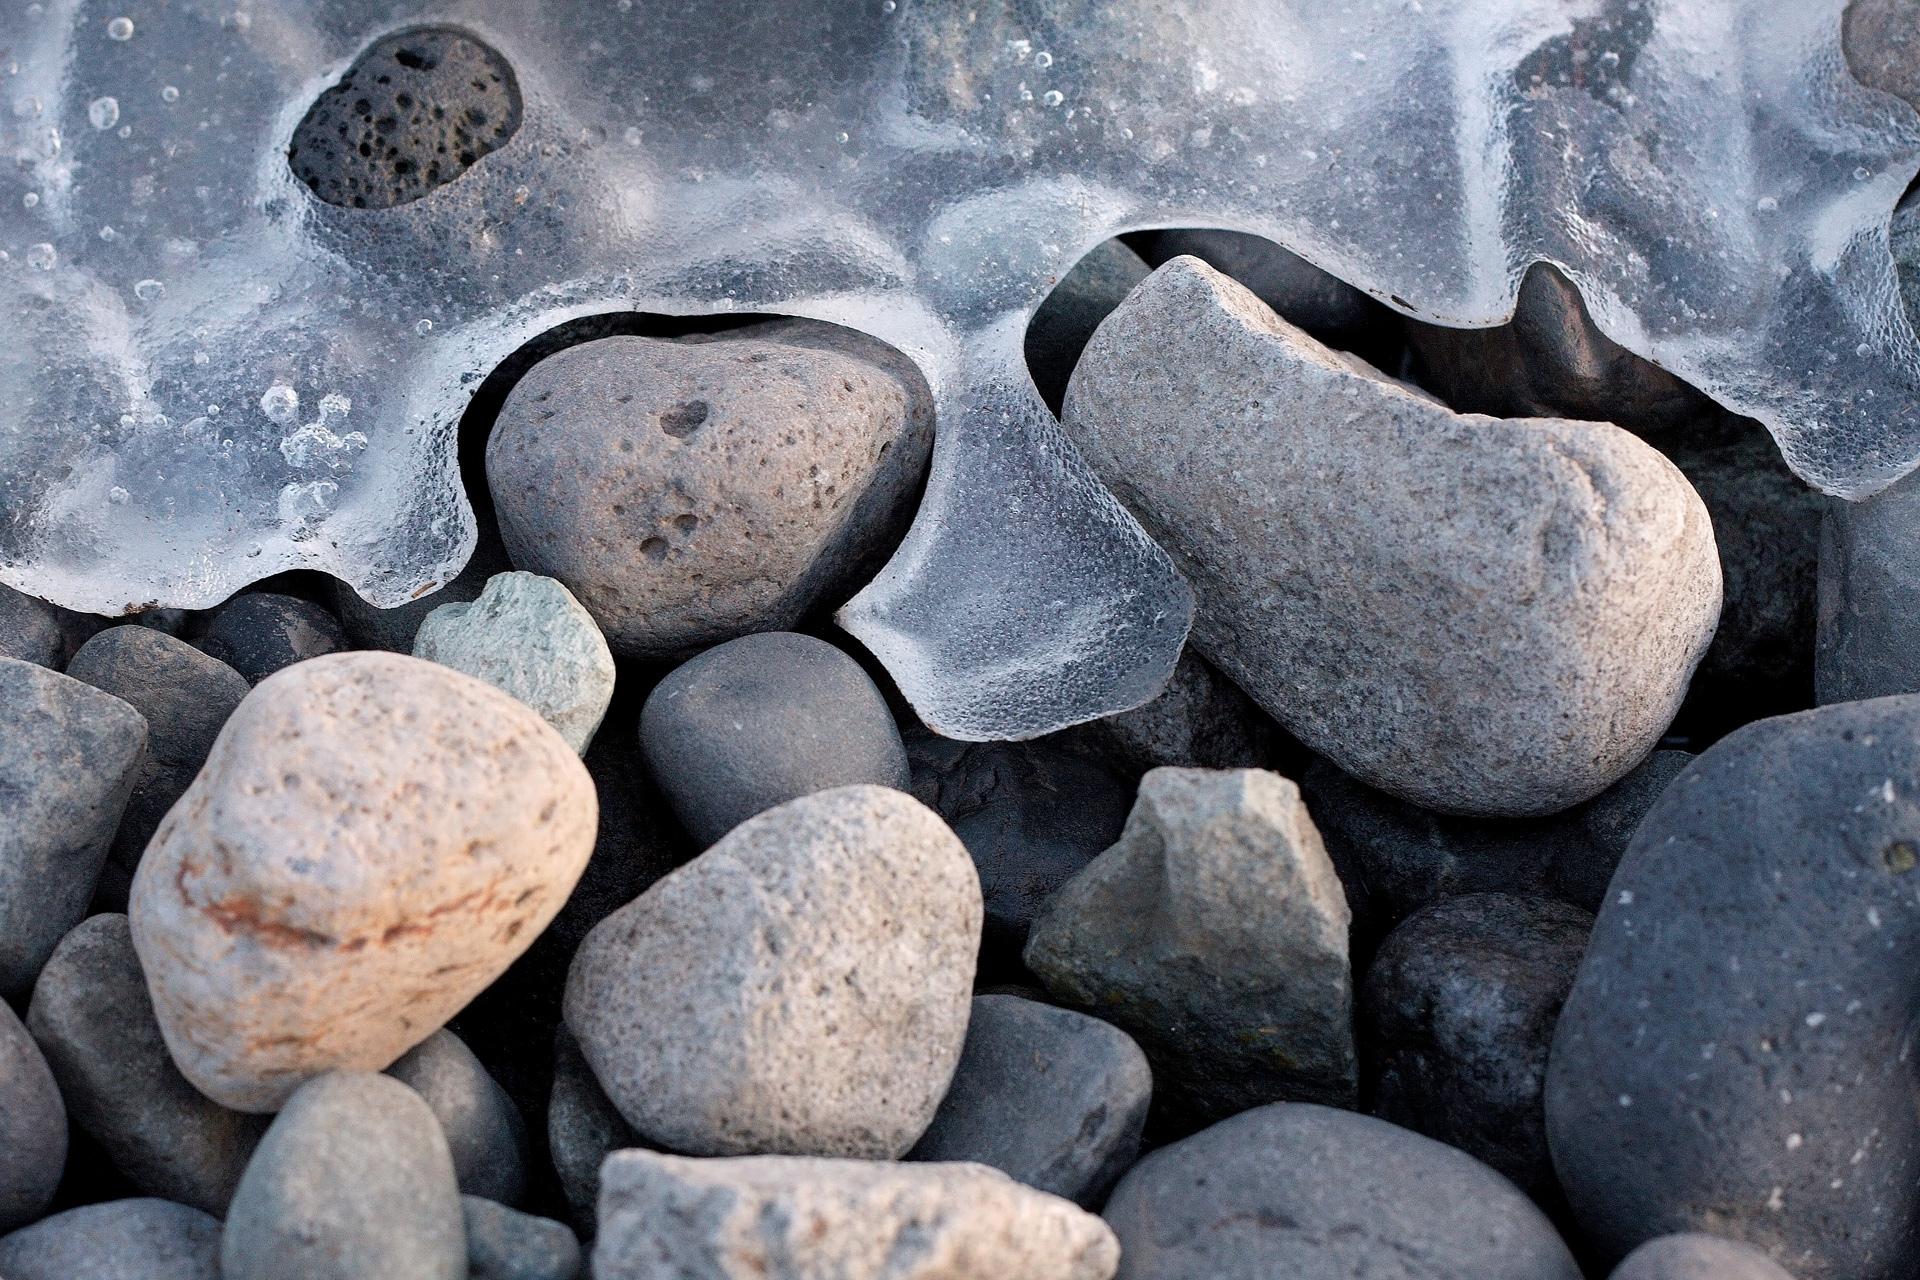 камни гора лужа  № 2602557 без смс